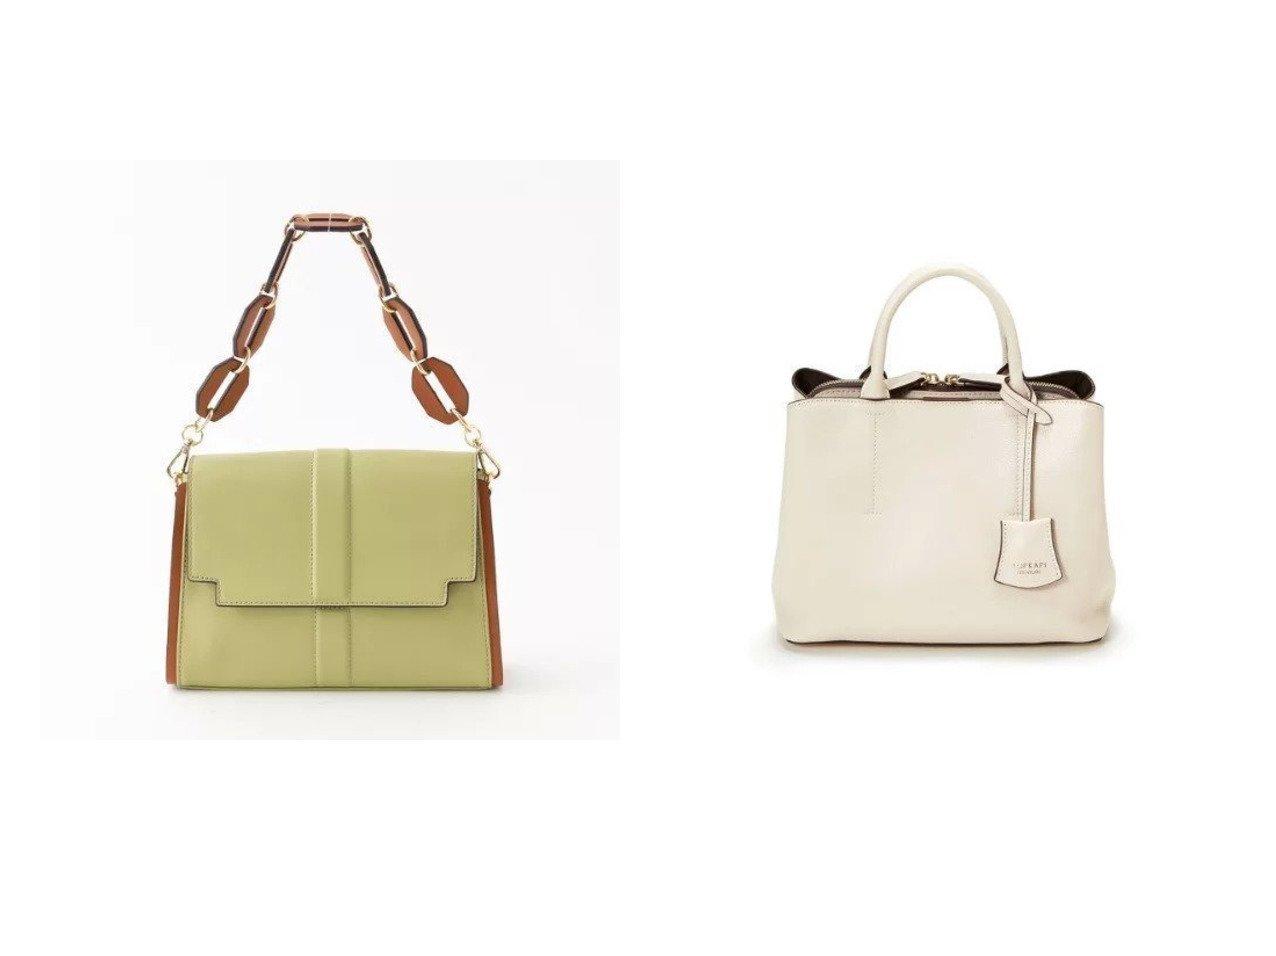 【LOWELL Things/ロウェル シングス】の【21SS新作】2WAYレザーショルダー&【TOPKAPI/トプカピ】のフロントステッチ レザーミニショルダーバッグ バッグ・鞄のおすすめ!人気、トレンド・レディースファッションの通販 おすすめで人気の流行・トレンド、ファッションの通販商品 メンズファッション・キッズファッション・インテリア・家具・レディースファッション・服の通販 founy(ファニー) https://founy.com/ ファッション Fashion レディースファッション WOMEN バッグ Bag コンパクト ショルダー チャーム ハンドバッグ バランス フロント 財布 アクセサリー ネックレス パイソン パイピング ポケット ラップ 2021年 2021 S/S 春夏 SS Spring/Summer 2021 春夏 S/S SS Spring/Summer 2021  ID:crp329100000014481